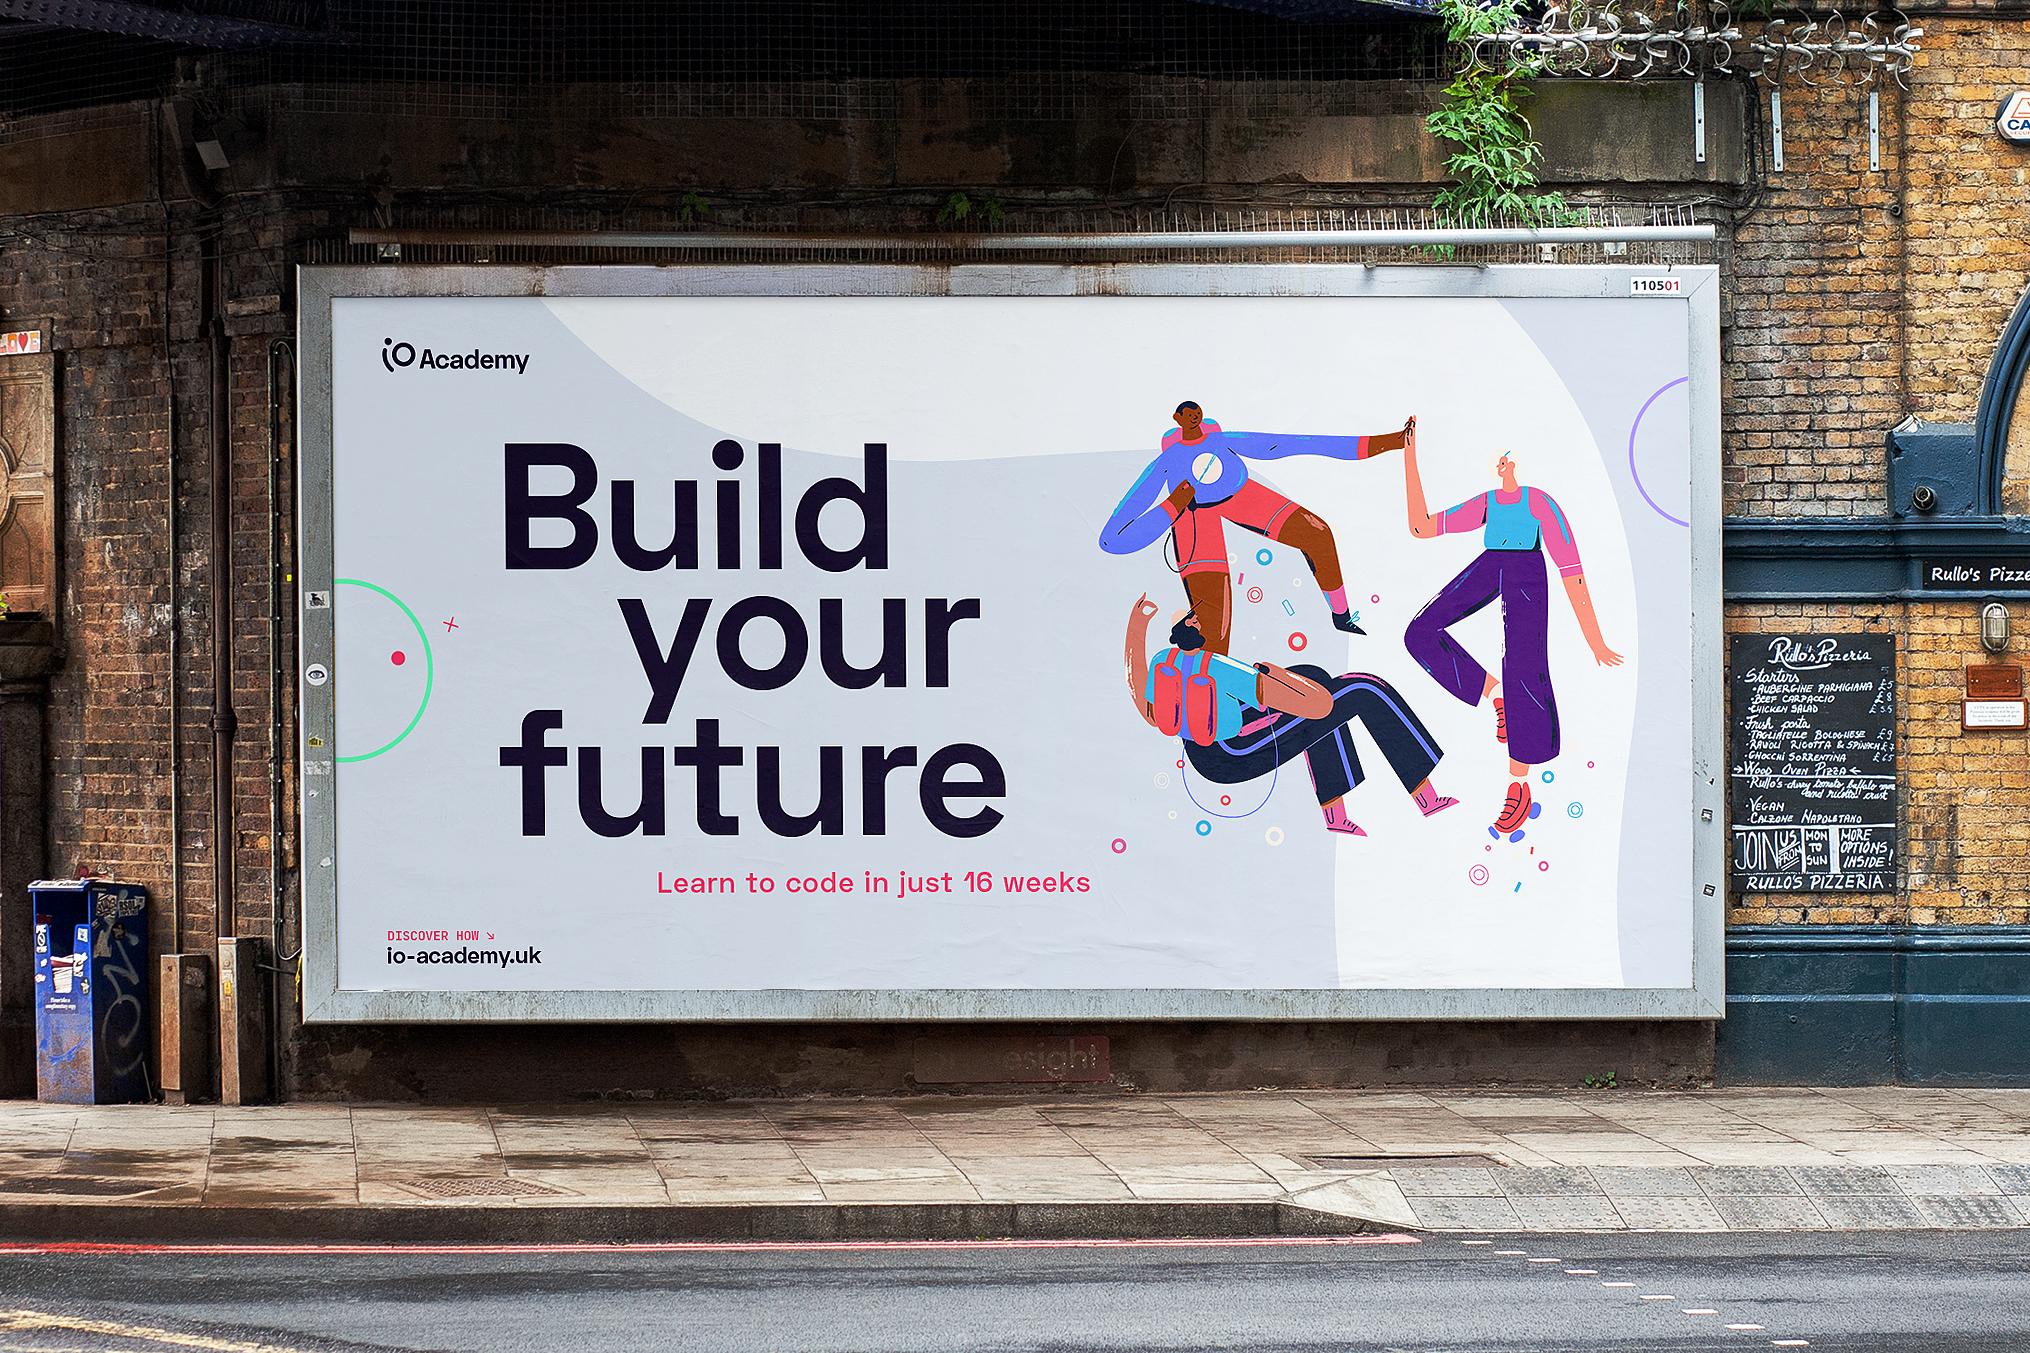 iO Academy Billboard